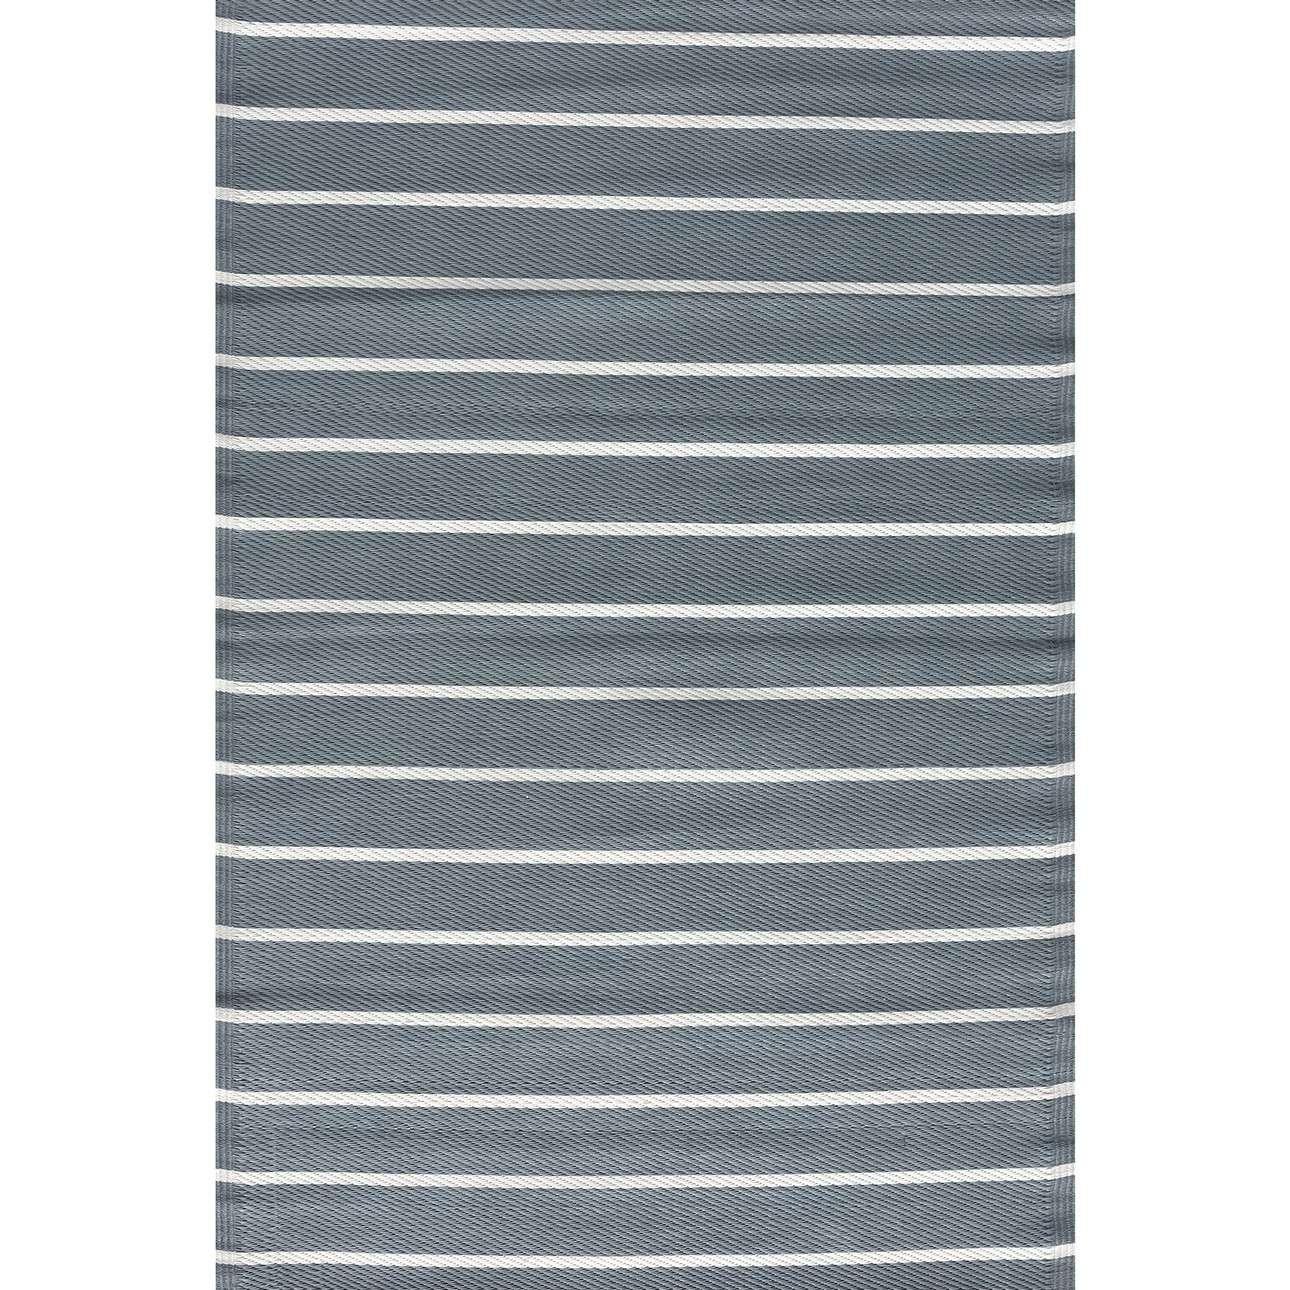 Dywan Strips white/gray 120x180cm